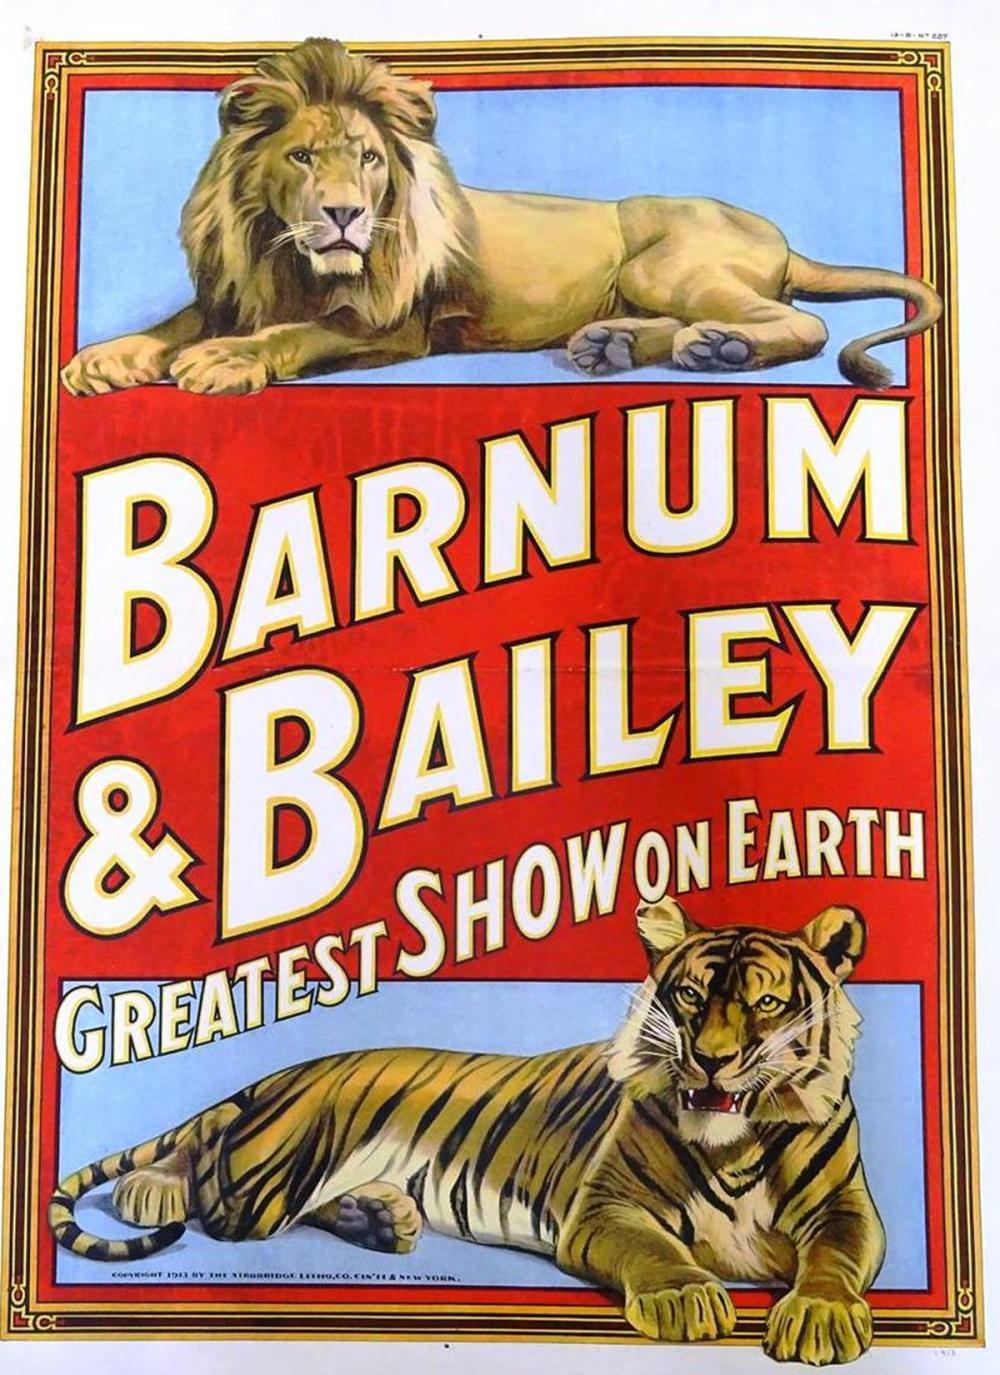 BARNUM & BAILEY GREATEST SHOW ON EARTH POSTER